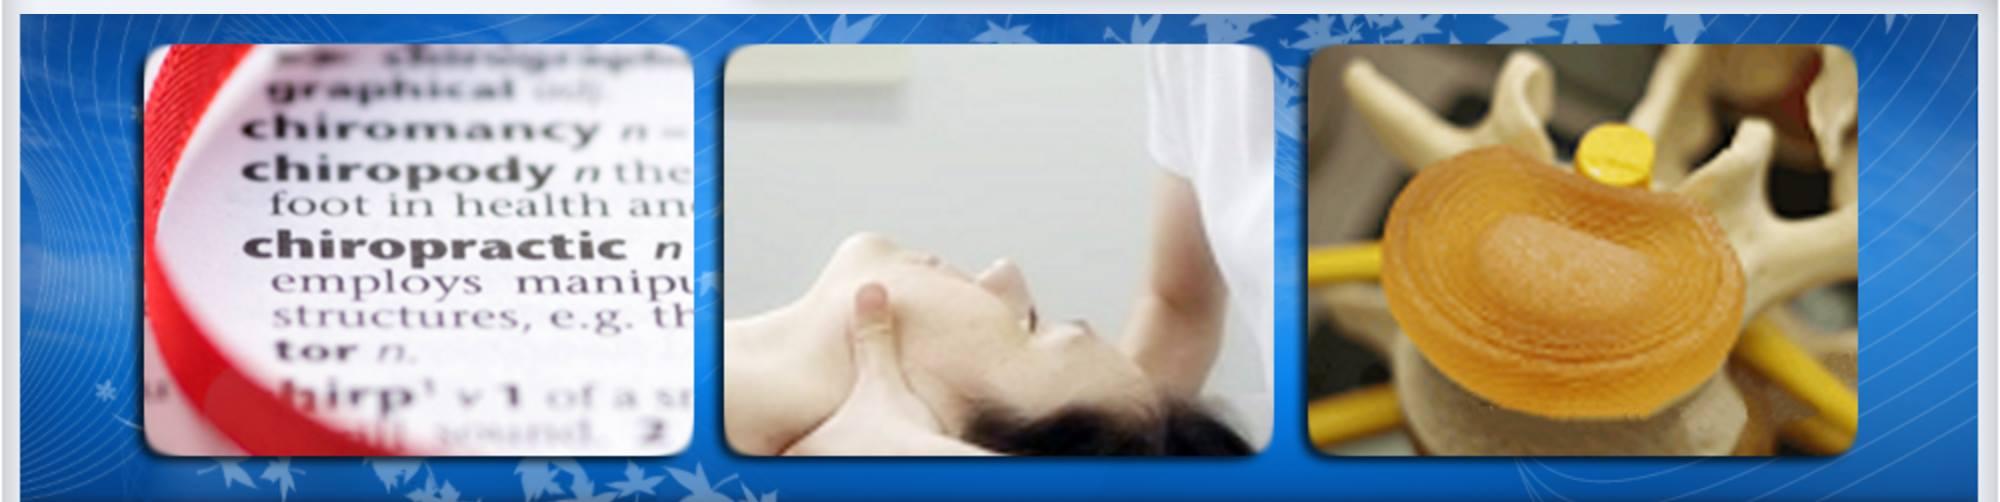 365 Chiropratic - Song Tan Clinic | Pyeongtaek-si